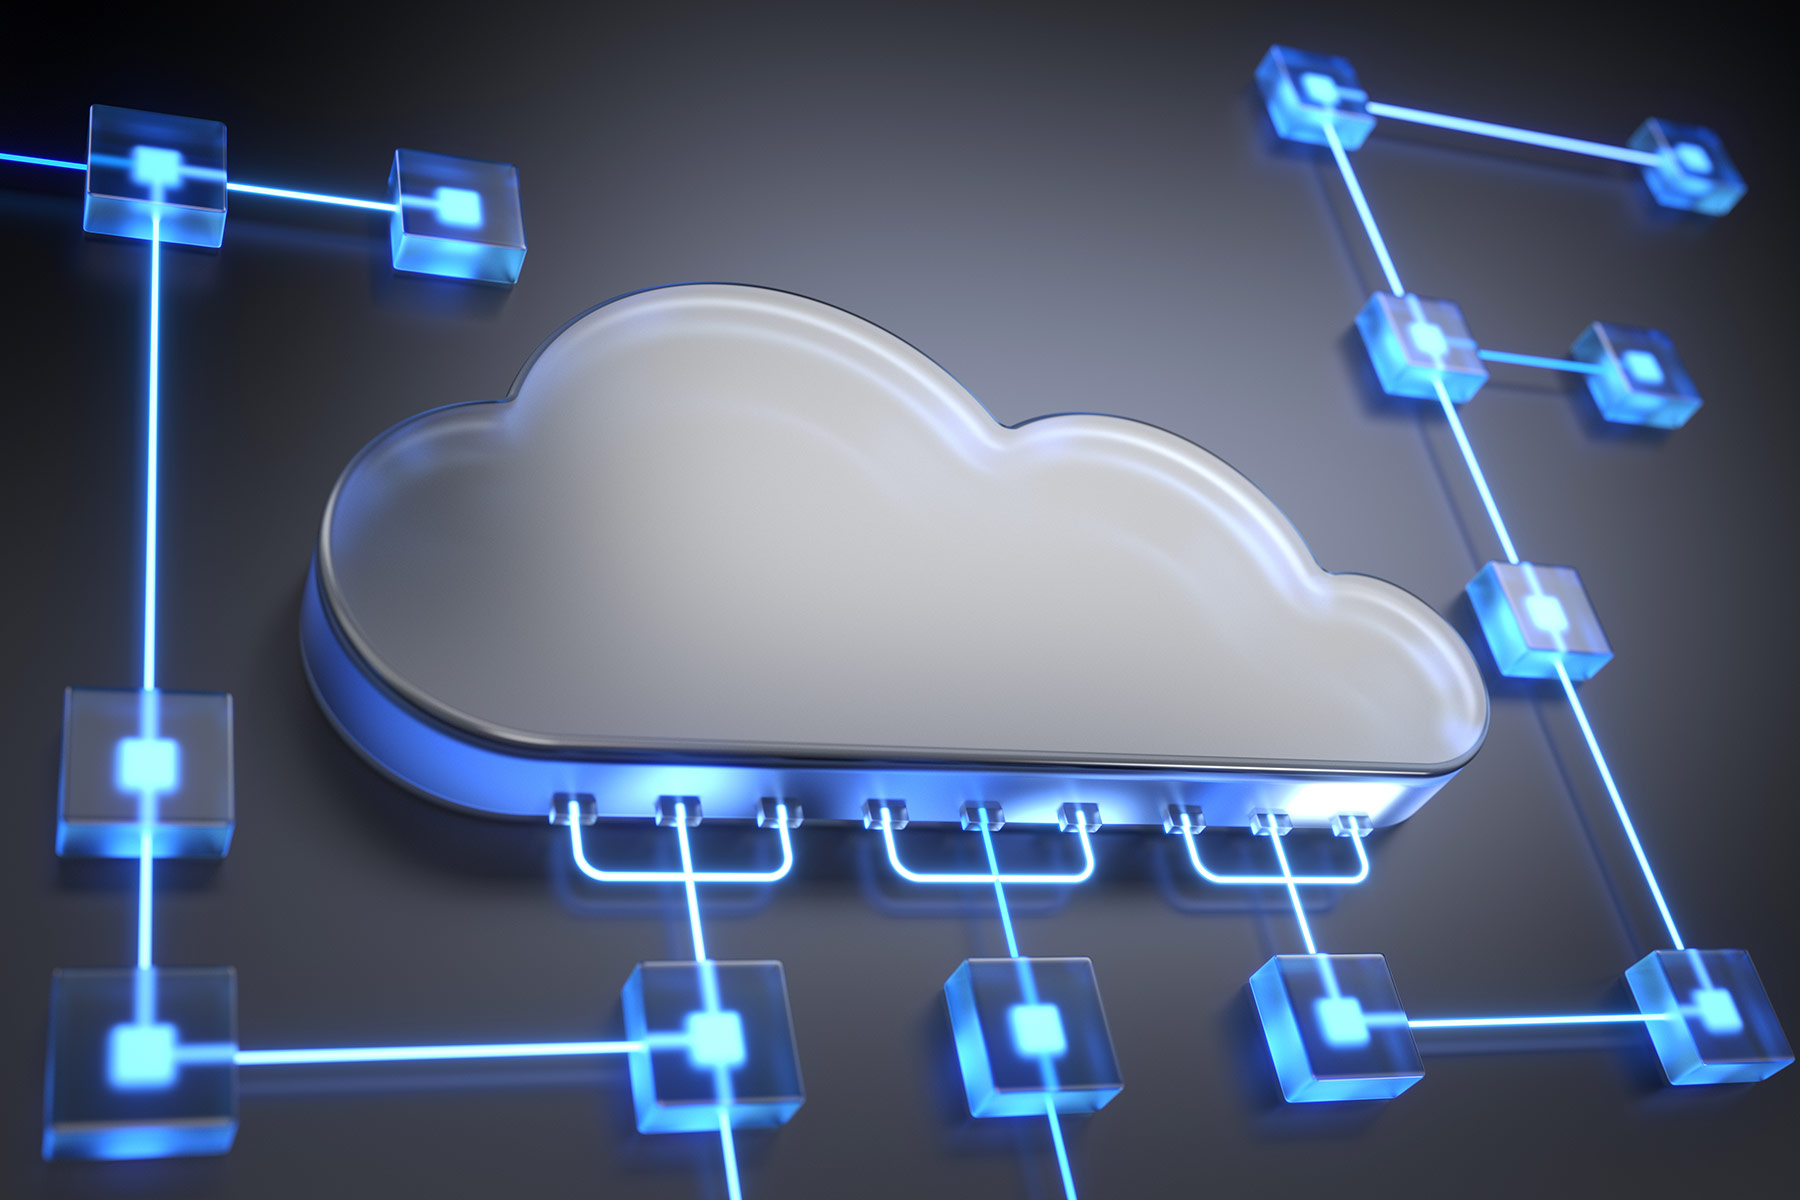 Die erfolgreiche Migration eines on-premises e-Business-Systems in eine Cloud